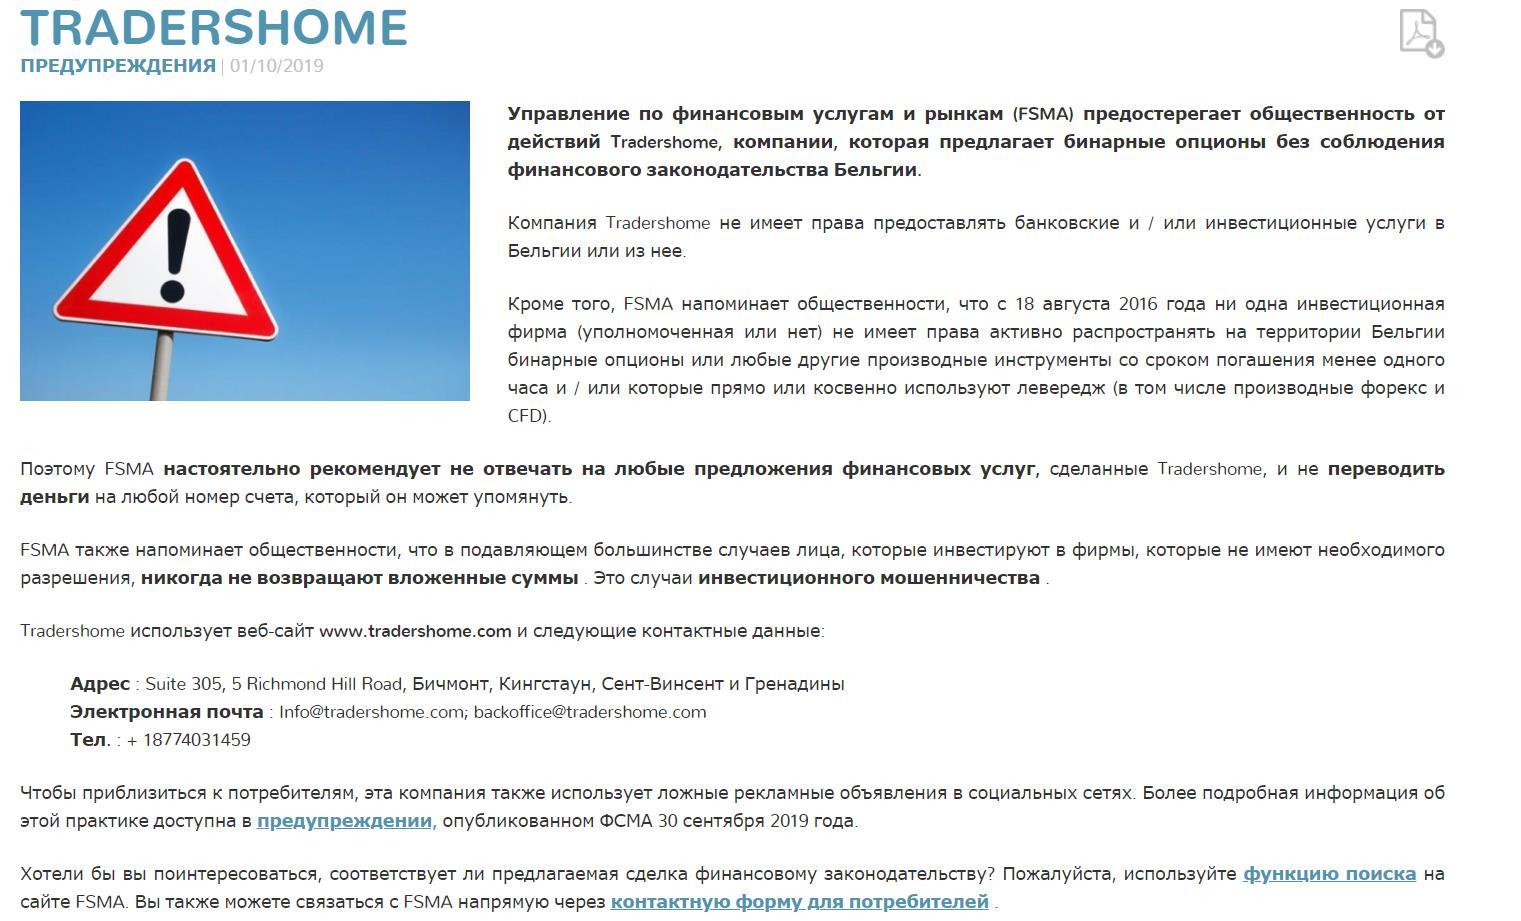 tradershome в черном списке регулятора FSMA